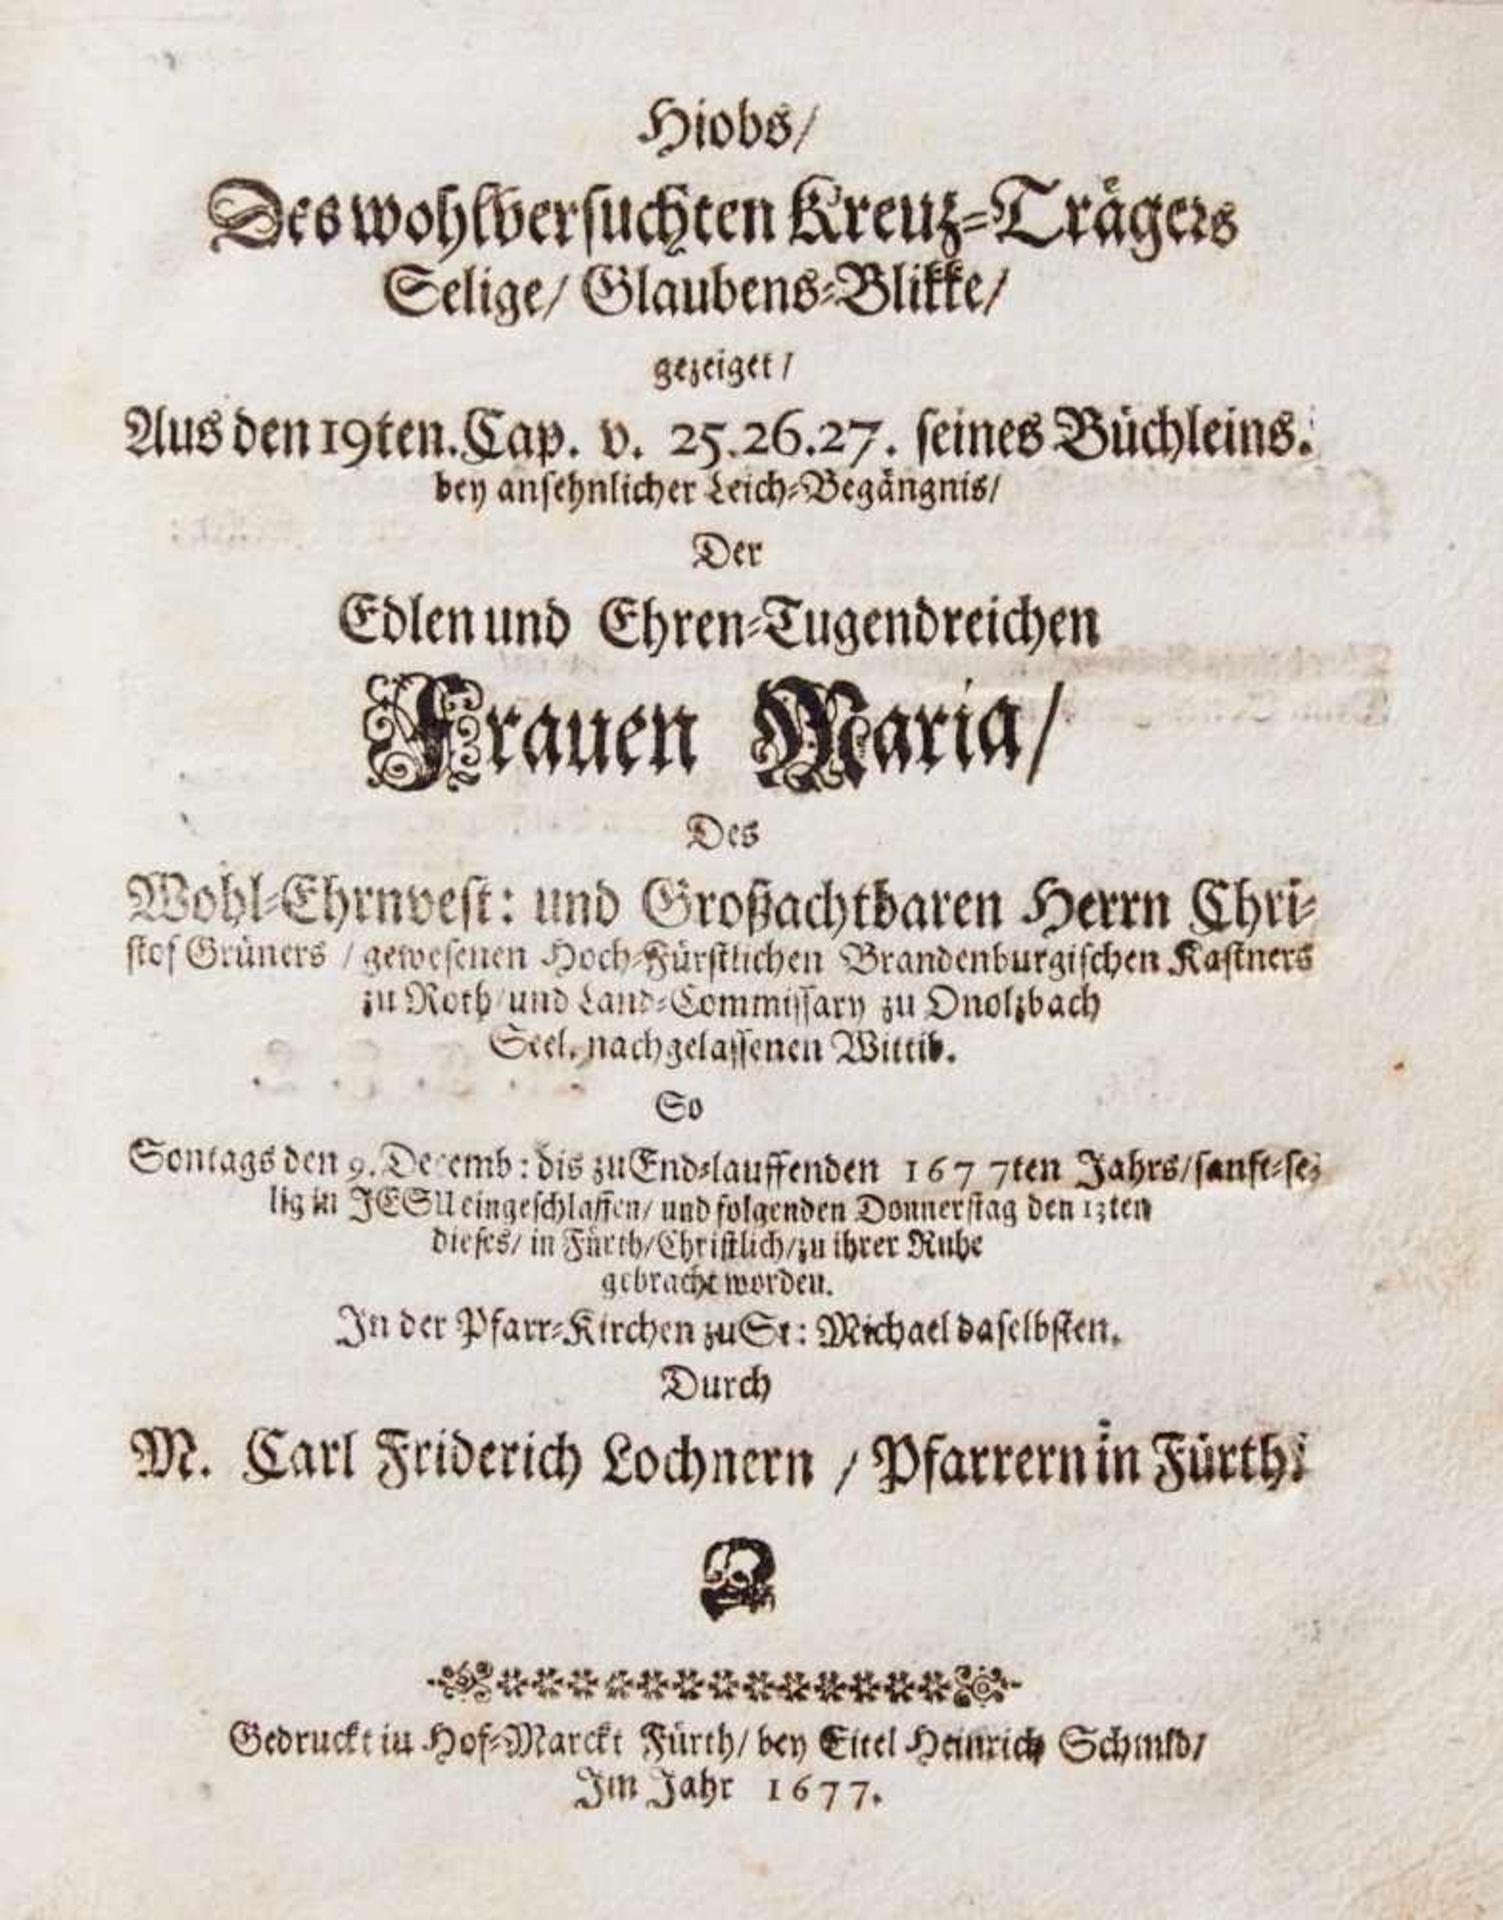 Schwar(t)z- Dokumentation zur Geschichte der Adelsfamilie Schwar(t)z.Deutsche Handschrift auf - Bild 4 aus 4